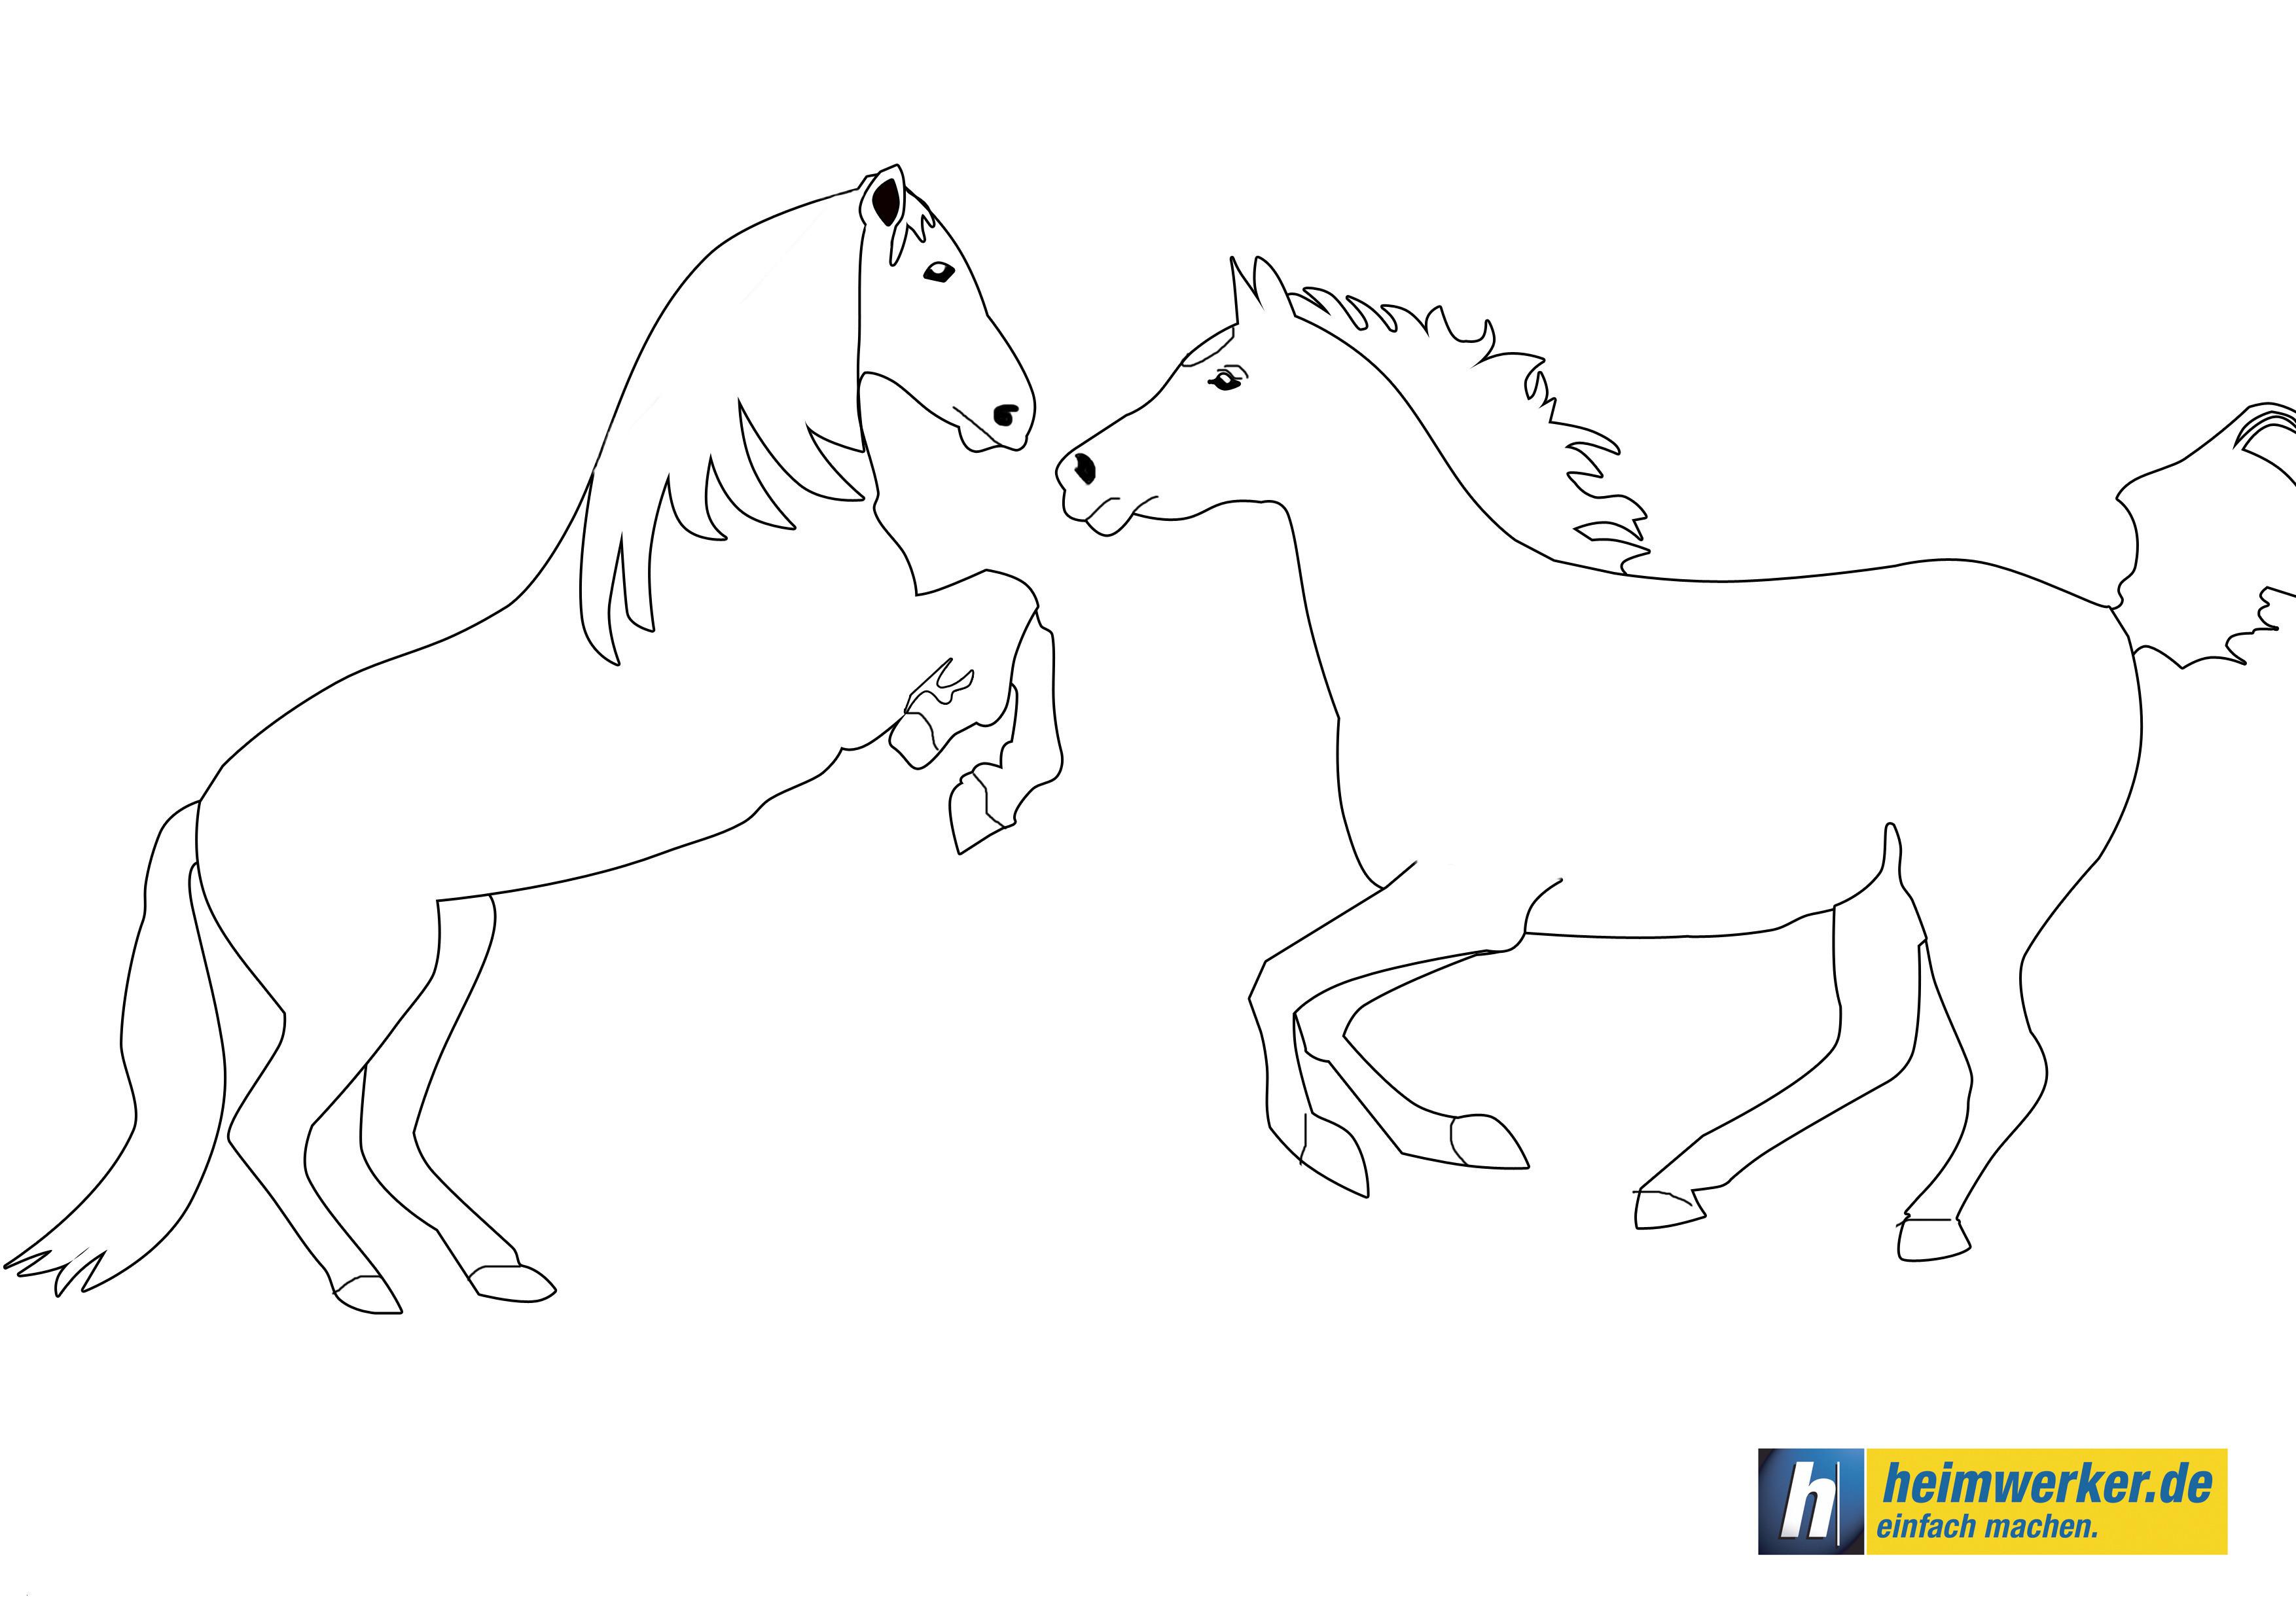 Emojis Zum Ausmalen Inspirierend Ausmalbilder Vogelhaus Elegant Pferde – Ausmalbilder Für Luxus Fotos